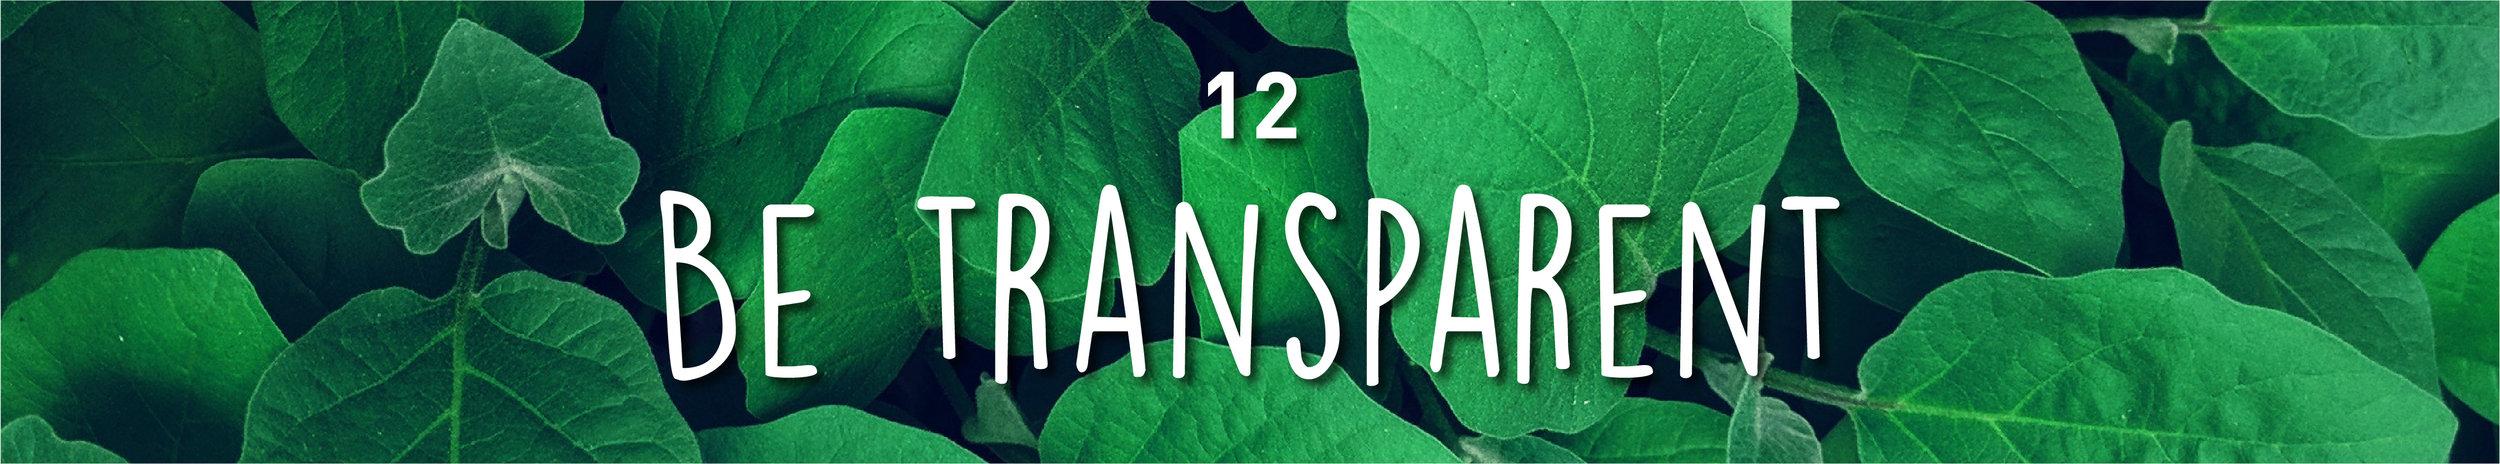 Week34-SustainableMarketing_InBlog_1 copy 24.jpg